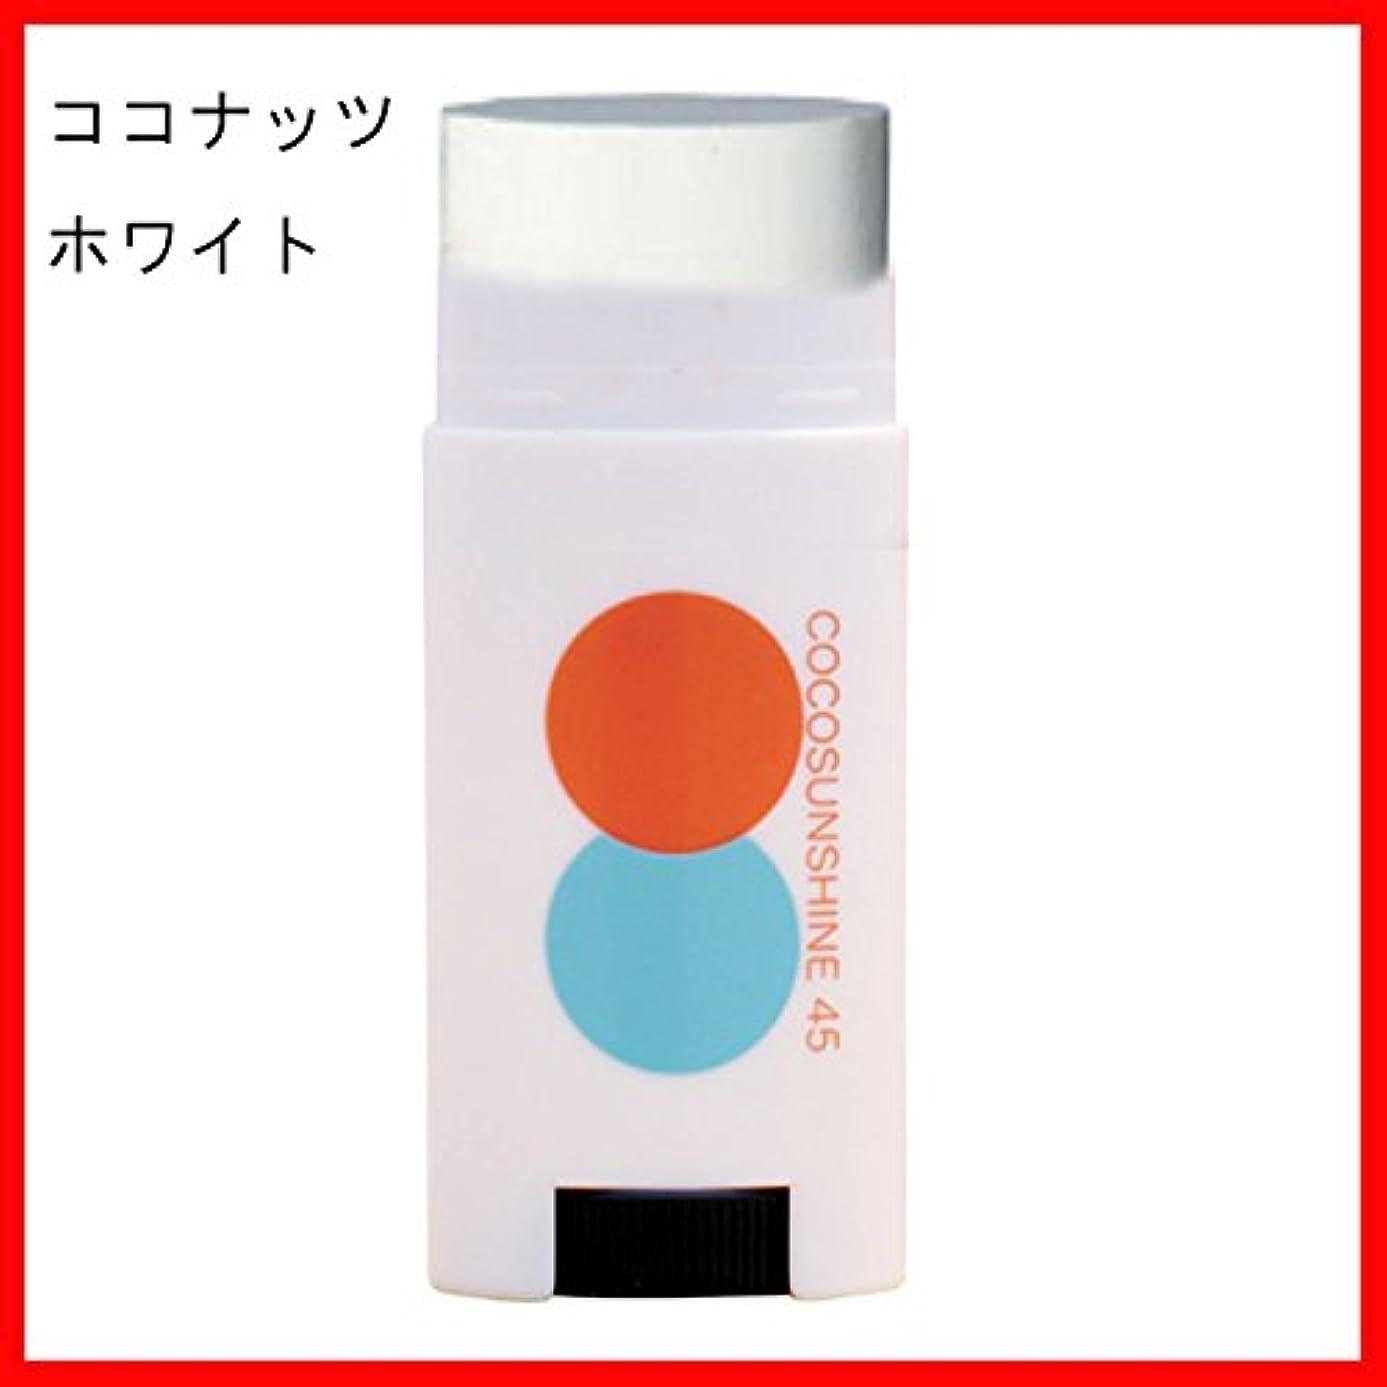 集中指定調べるCOCOSUNSHINE(ココサンシャイン) フェイス スティック UV FACE STICK